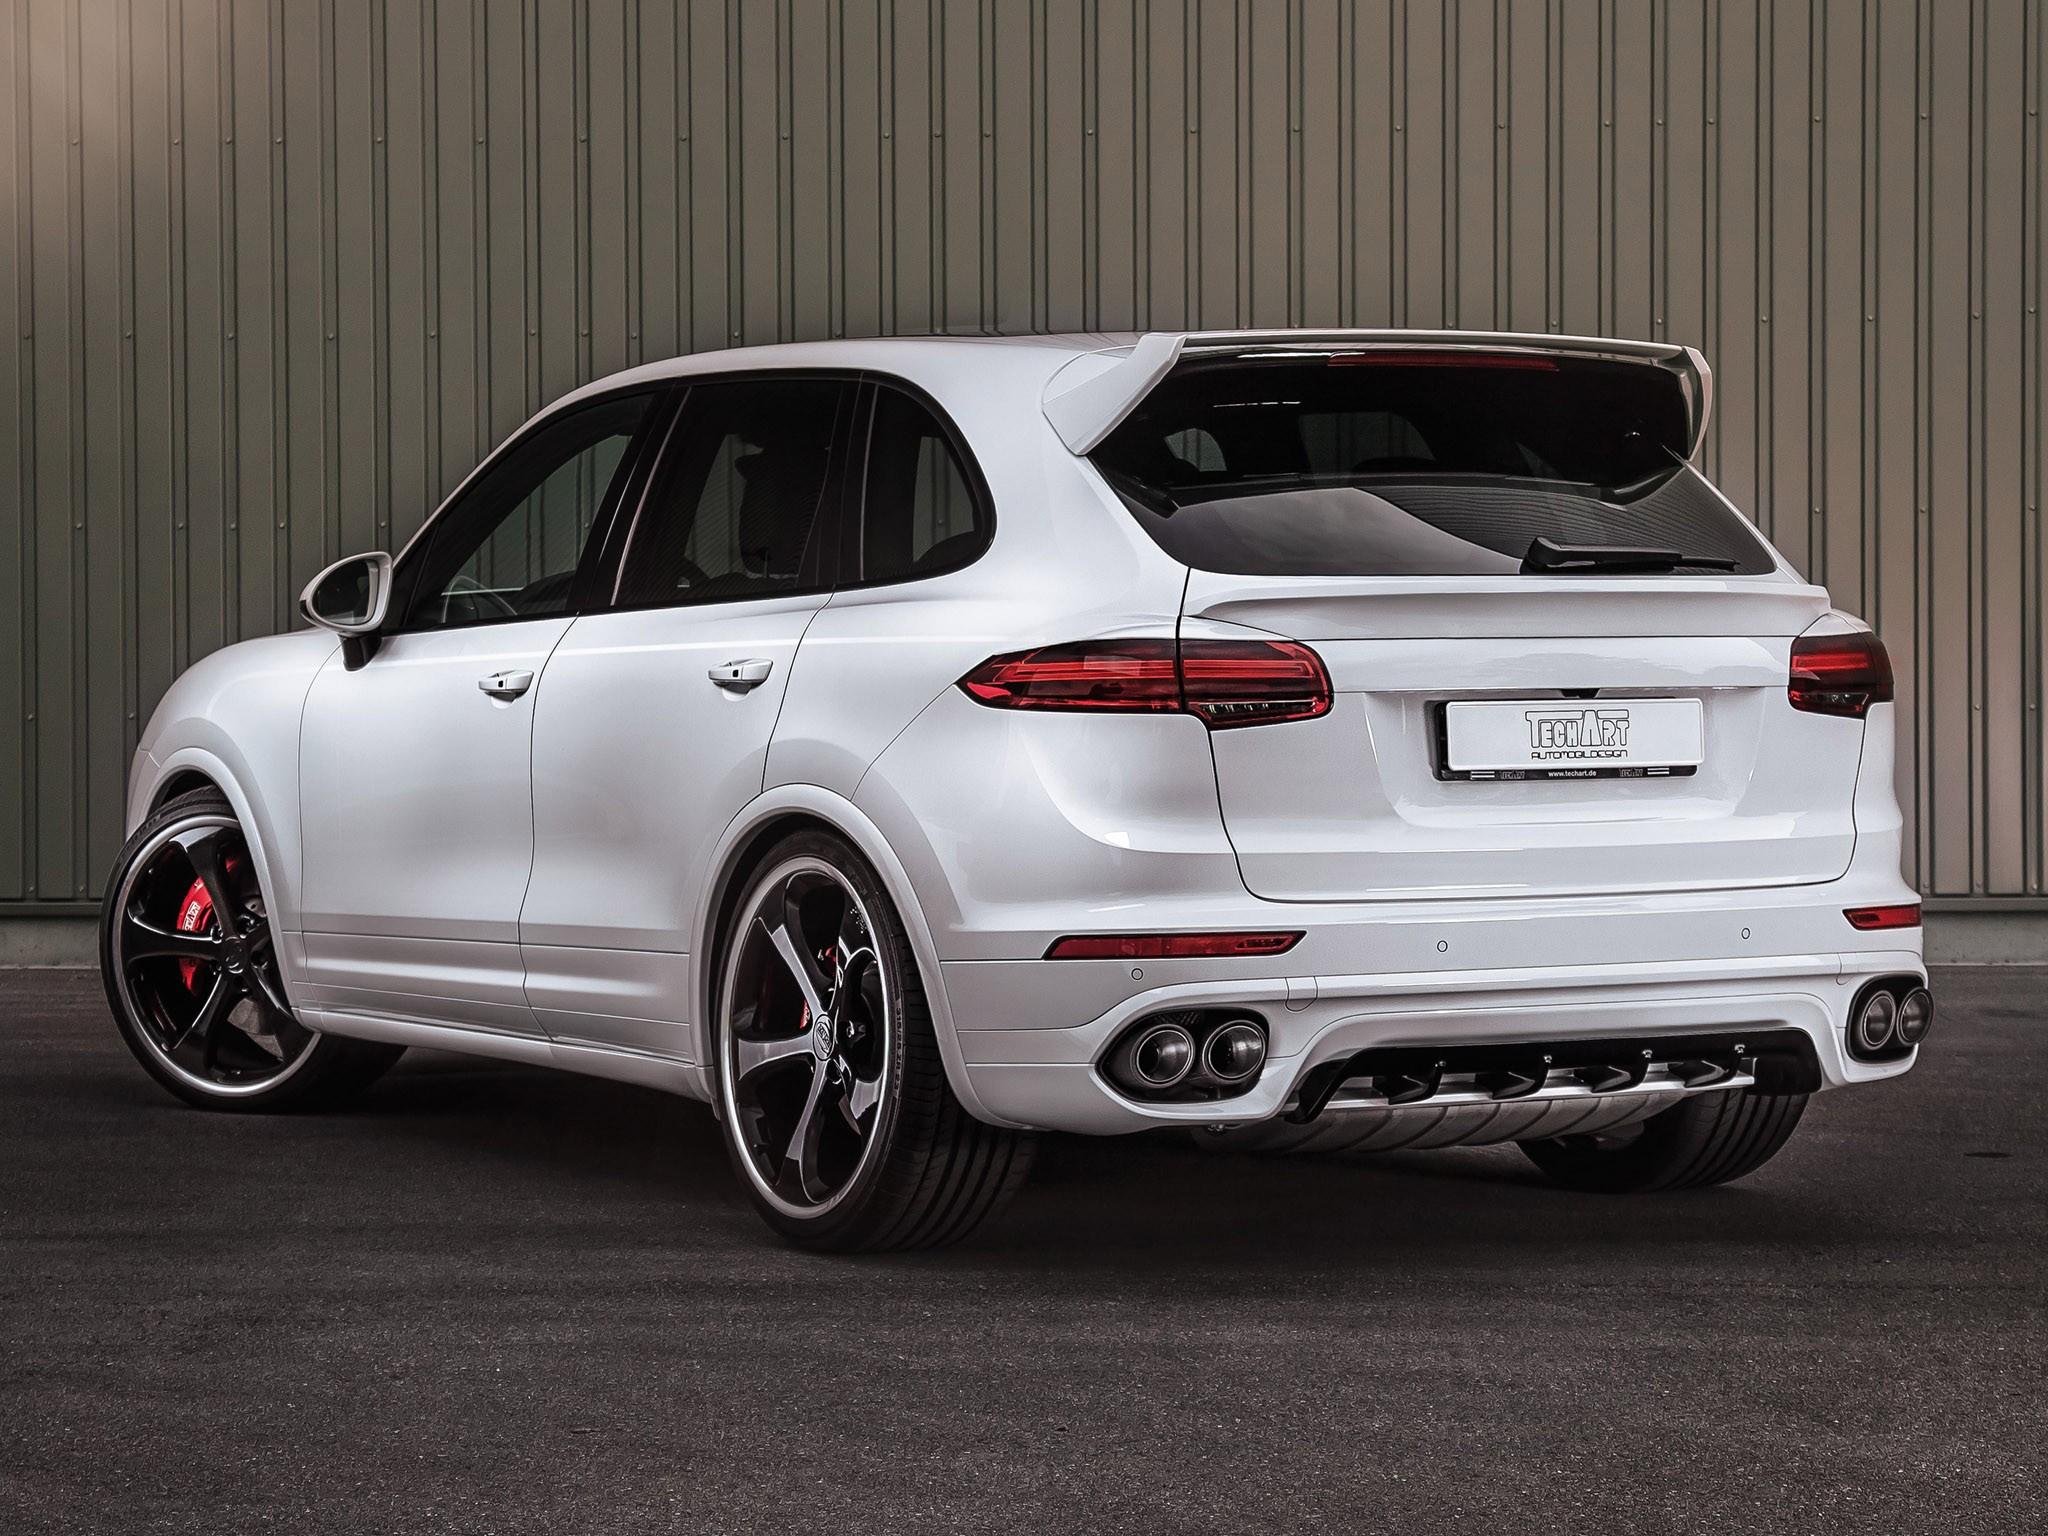 2015 Techart Porsche Cayenne 958